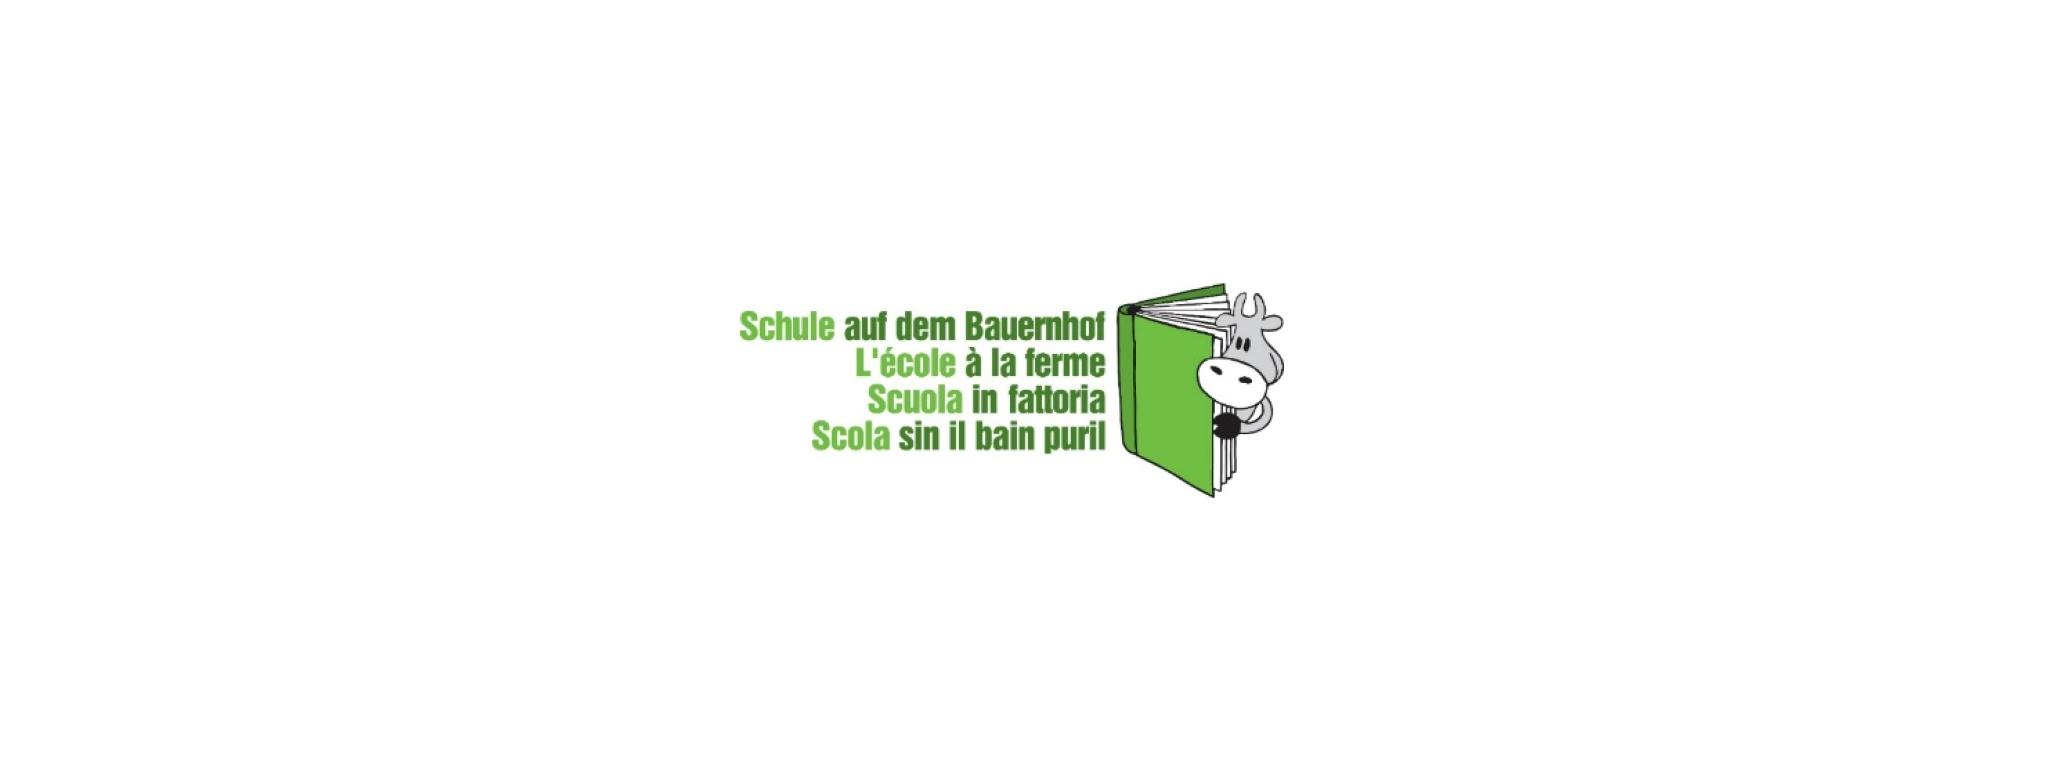 Schule auf dem Bauernhof - Schweizer Landwirtschaft